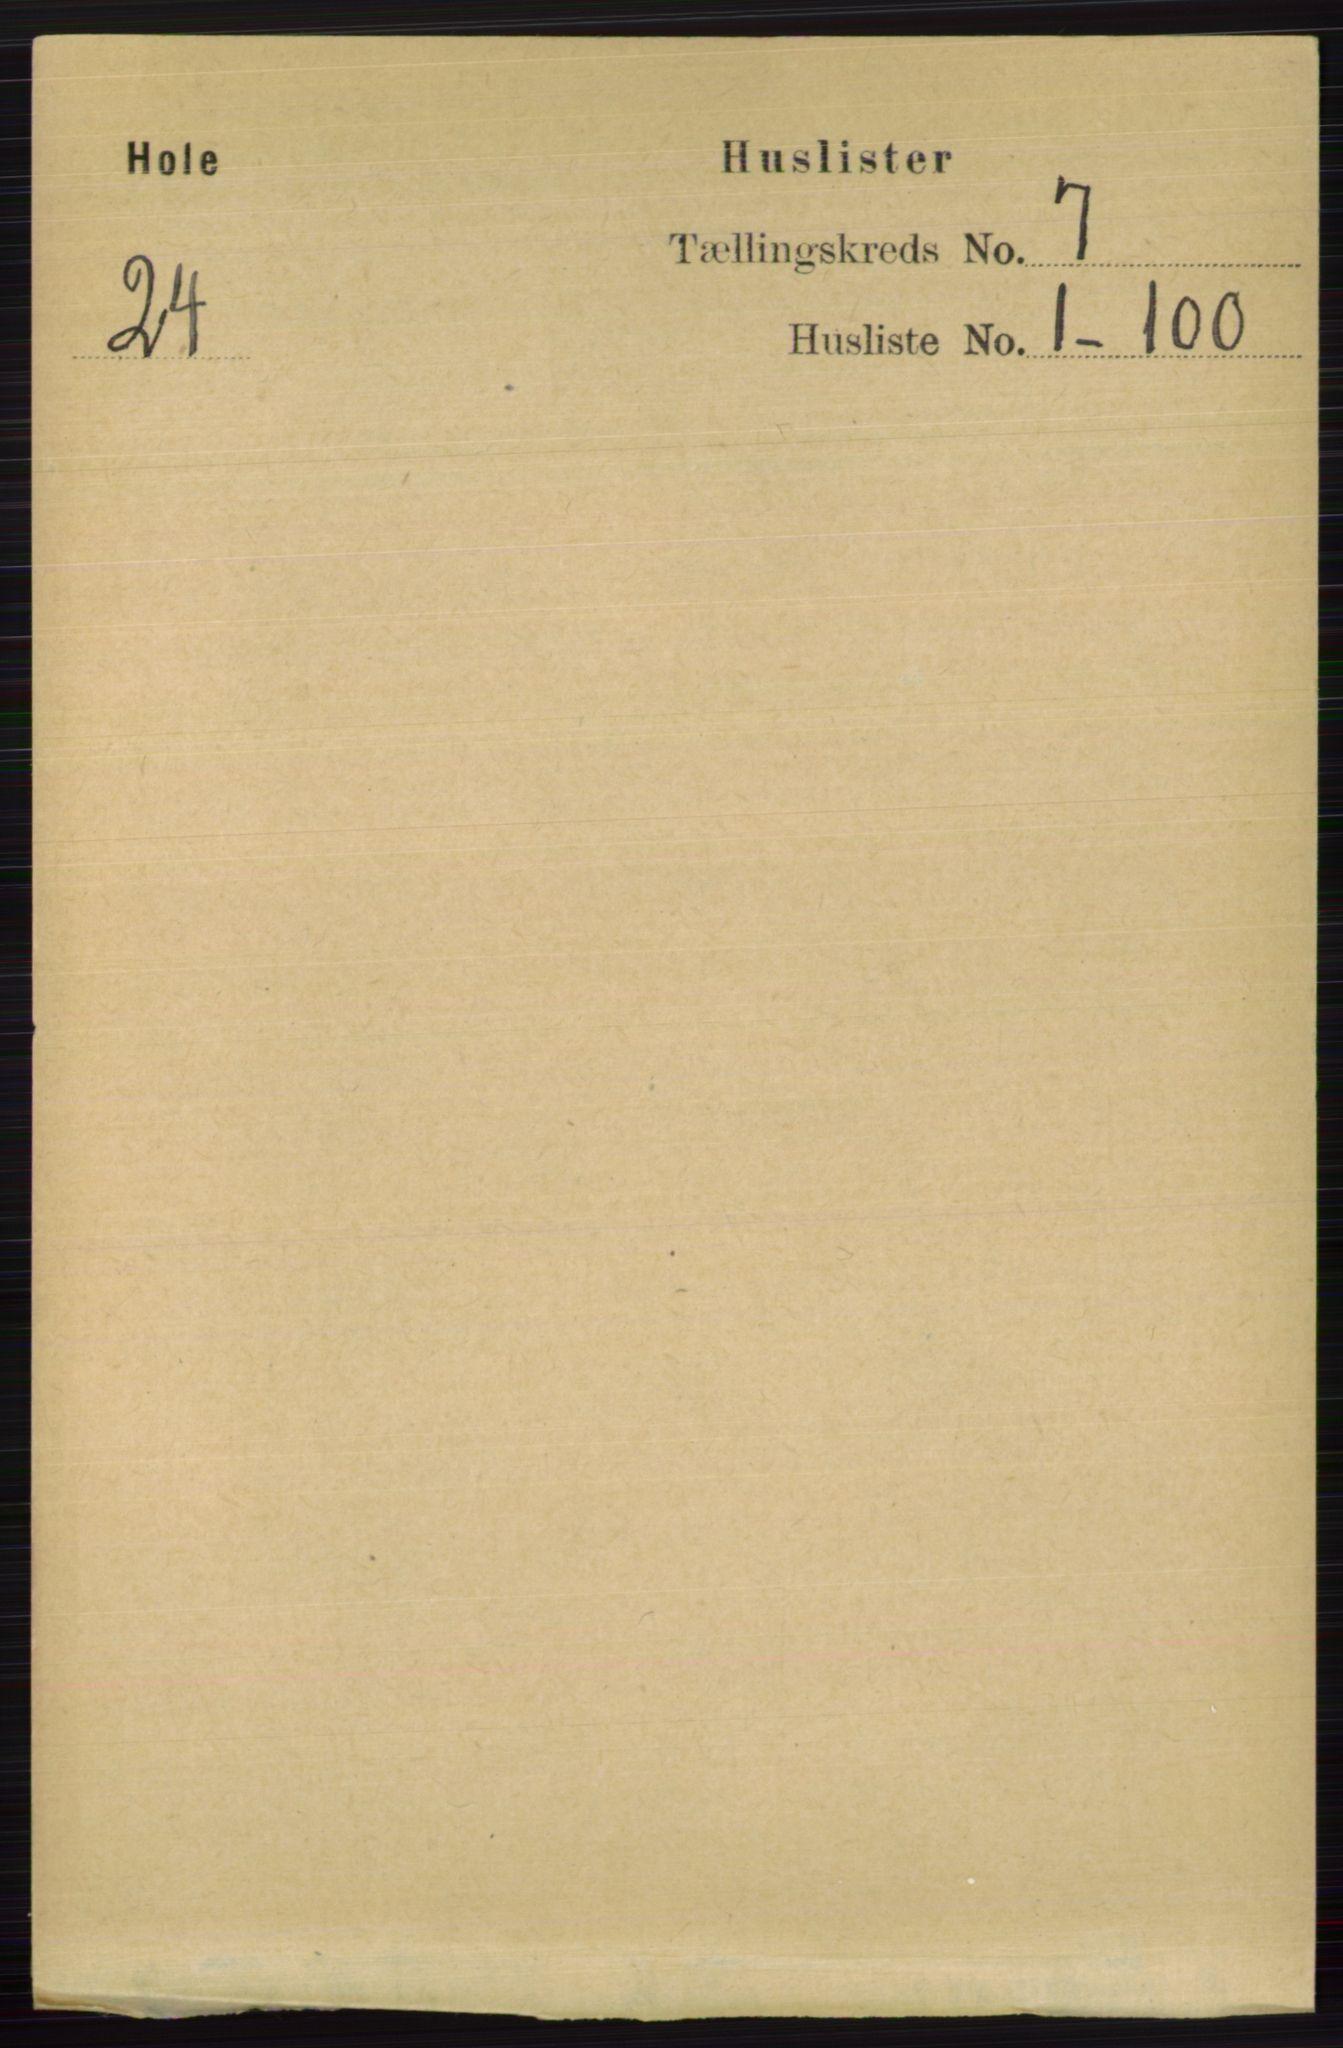 RA, Folketelling 1891 for 0612 Hole herred, 1891, s. 3881